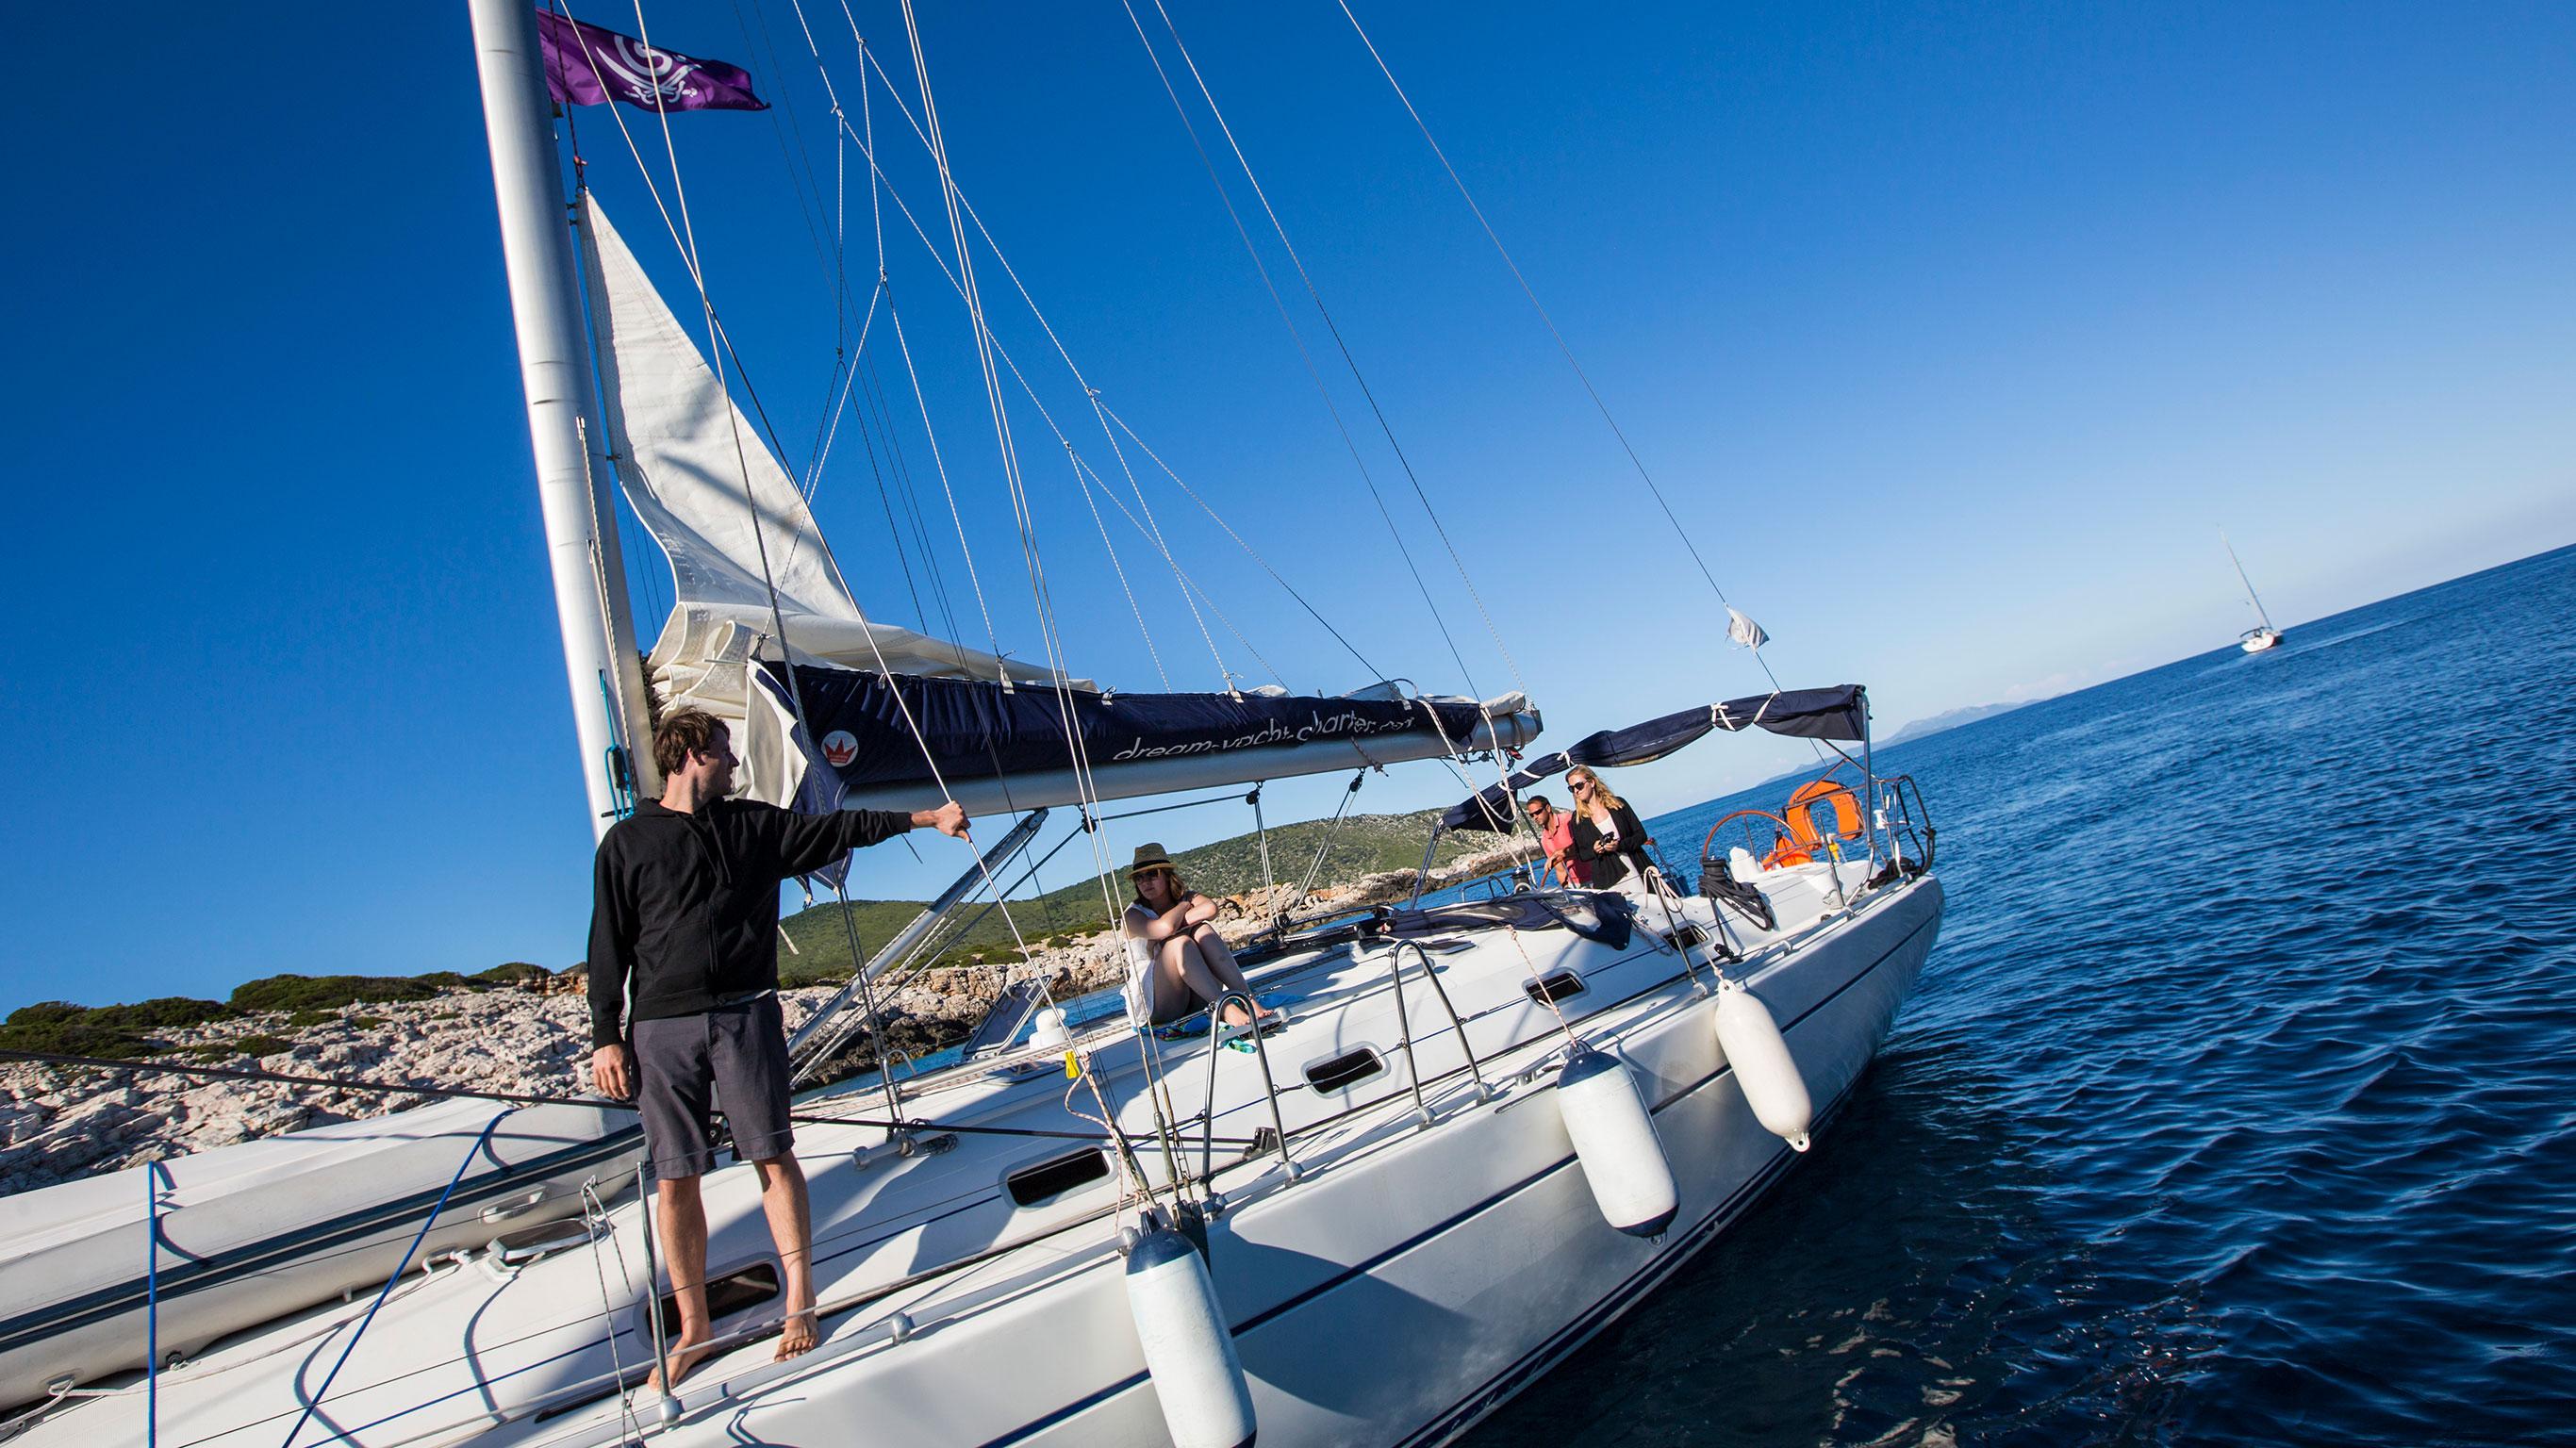 Segeln in Montenegro – Von Dubrovnik nach Dubrovnik